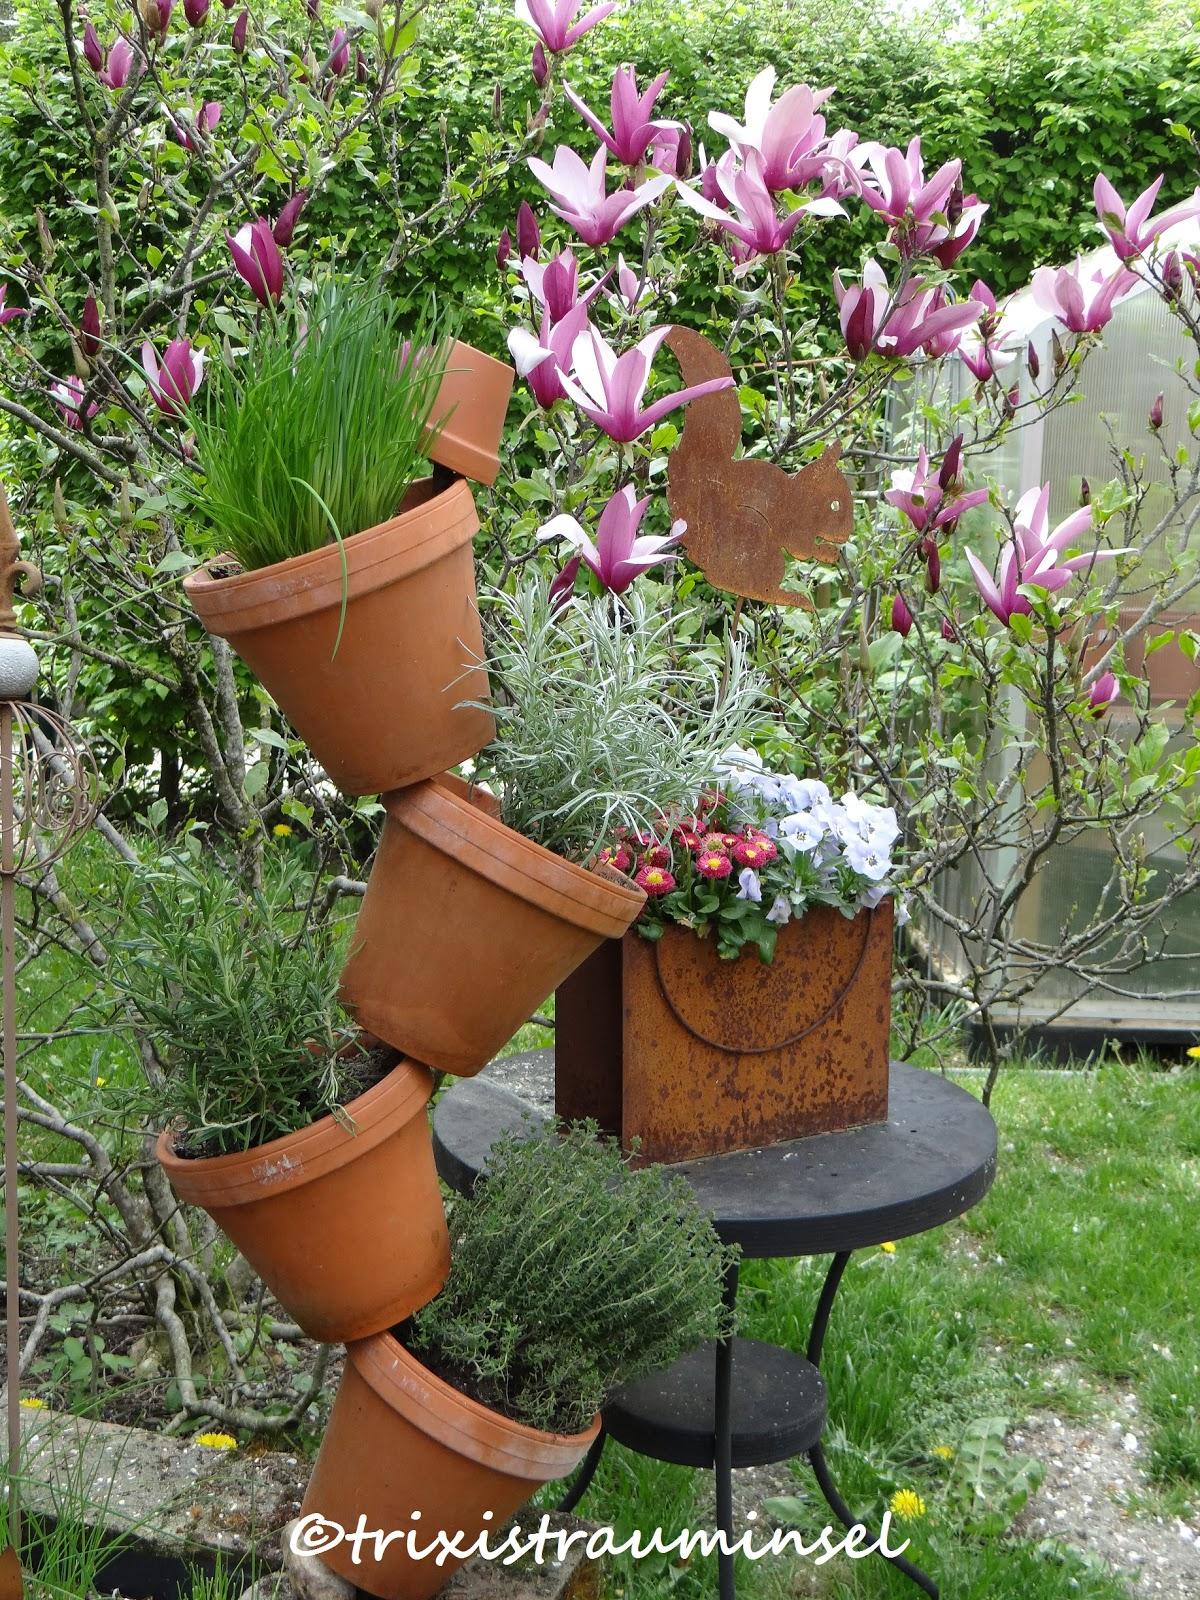 Bärbel bloggt: Kräuterturm für Garten oder Balkon